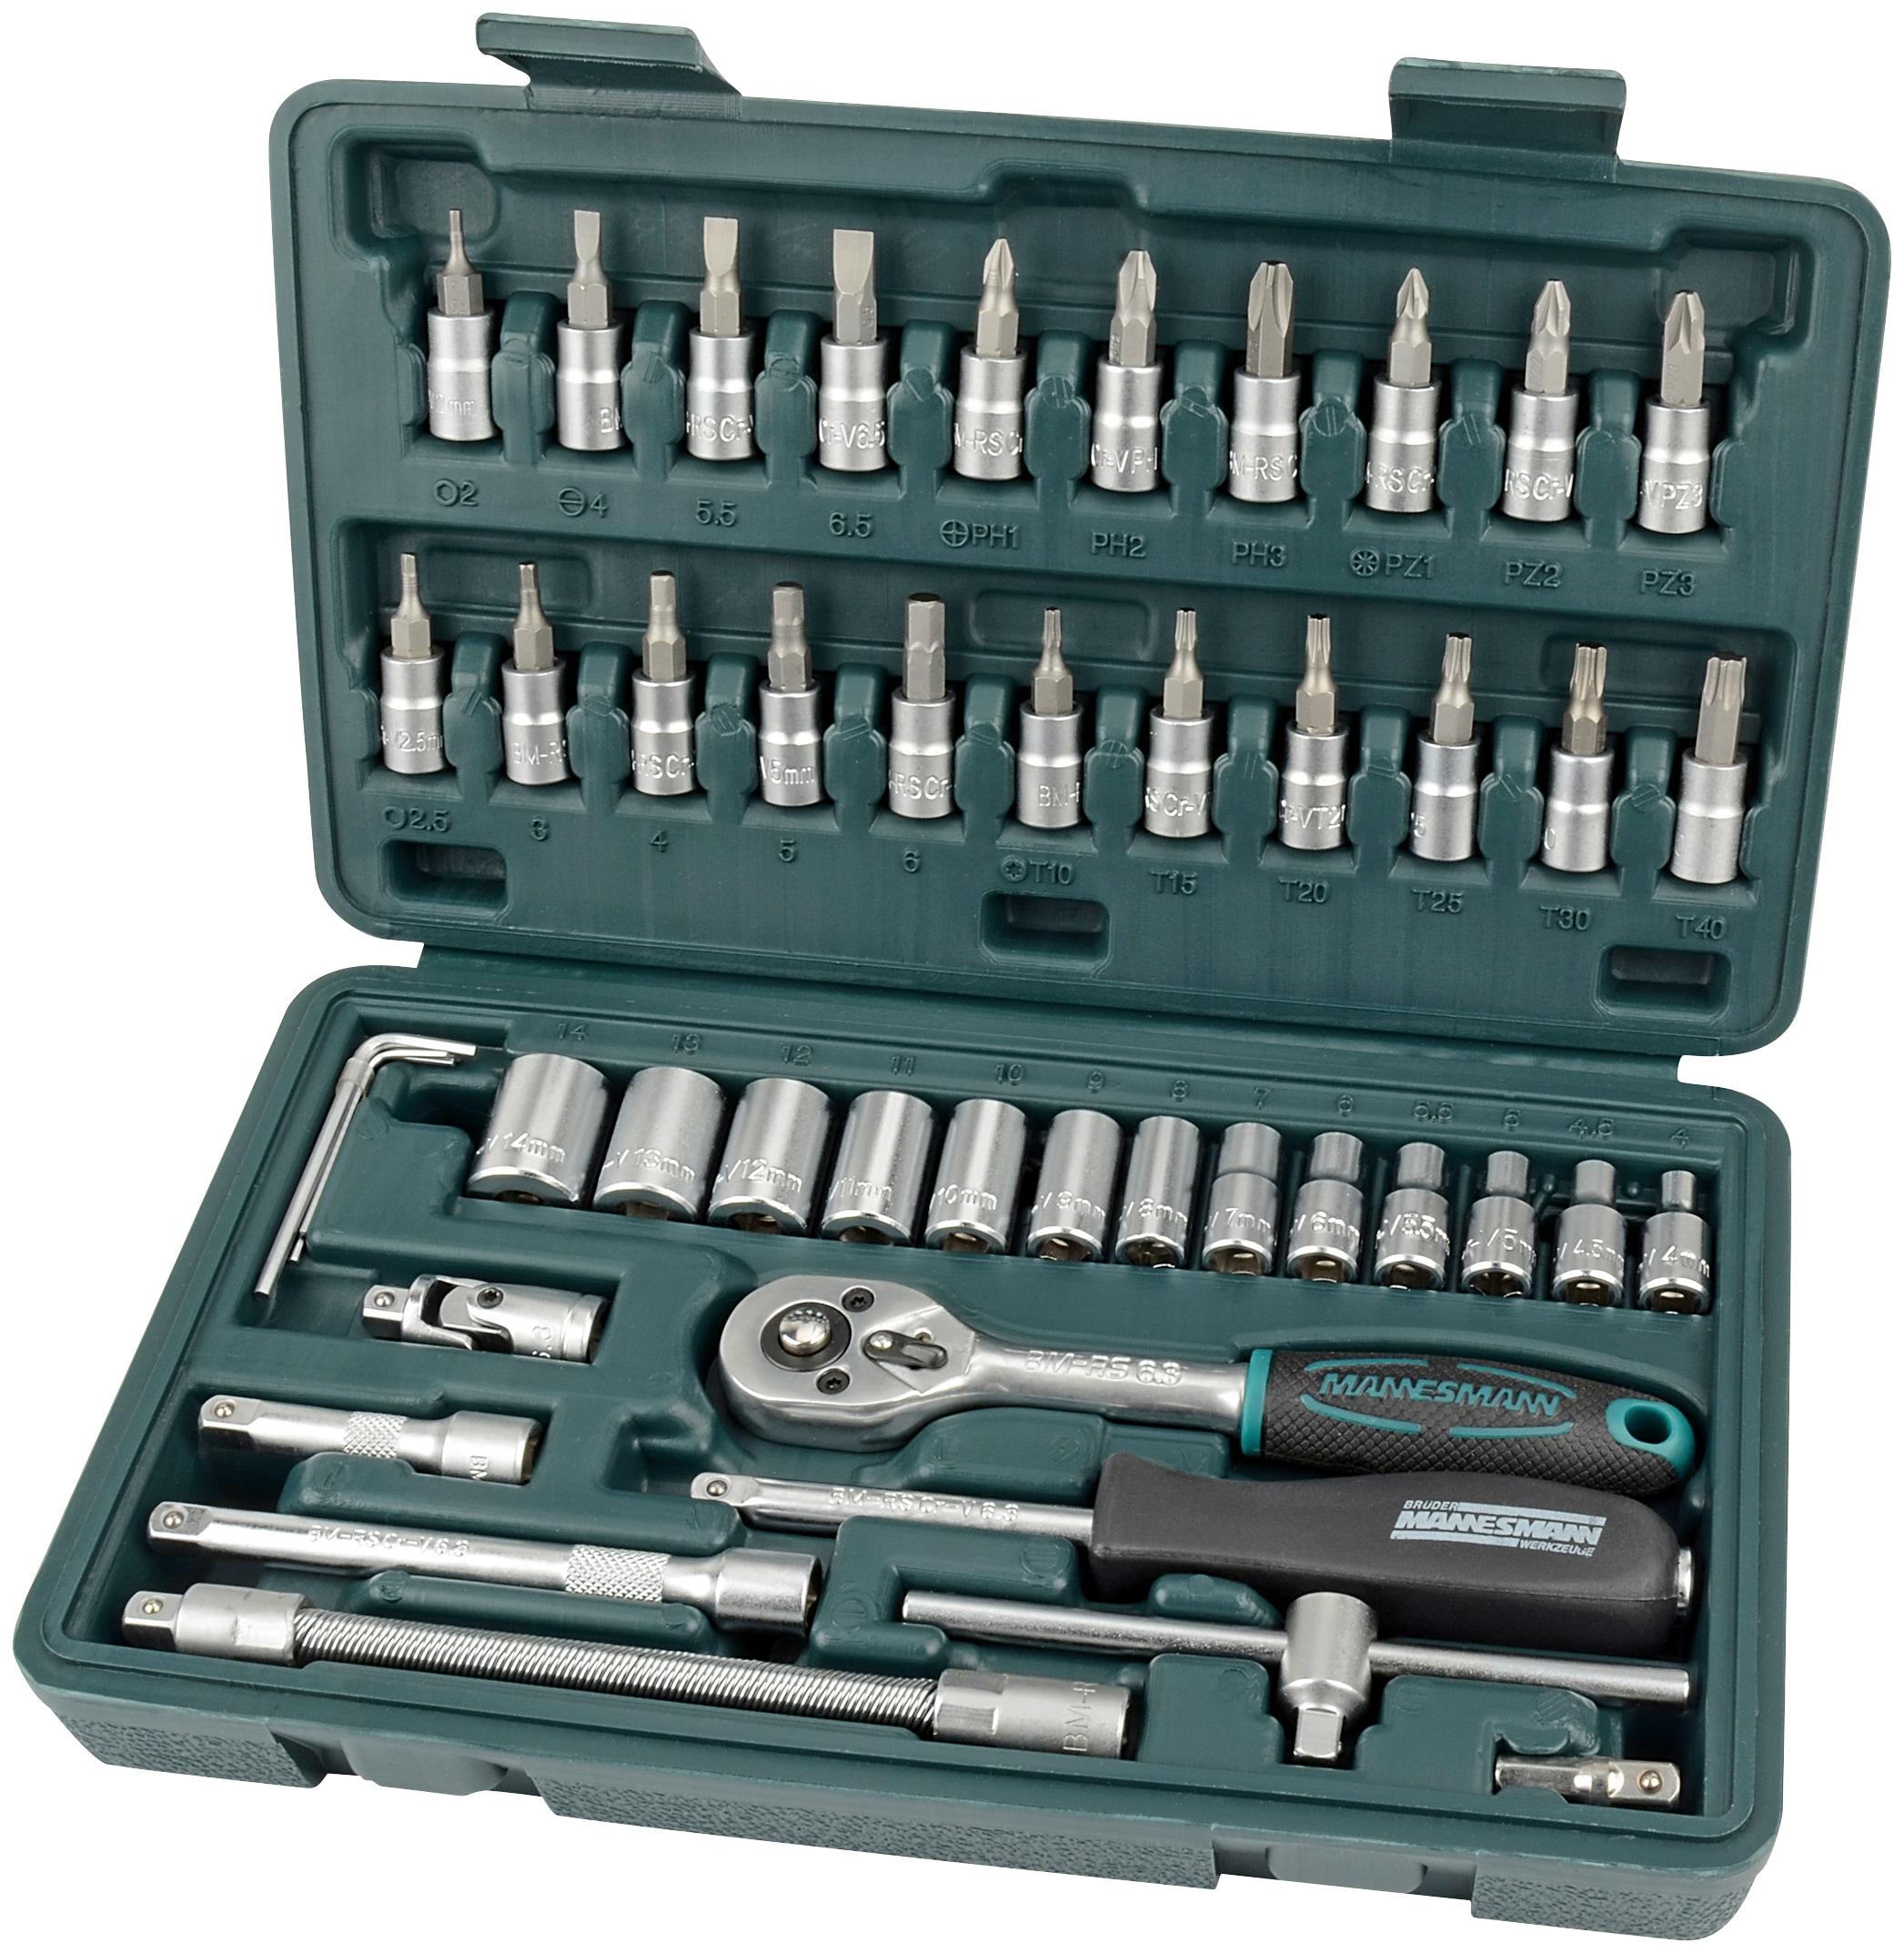 Brüder Mannesmann Werkzeuge Werkzeugset, (Set, 46 St.) grün Werkzeugkoffer Werkzeug Maschinen Werkzeugset